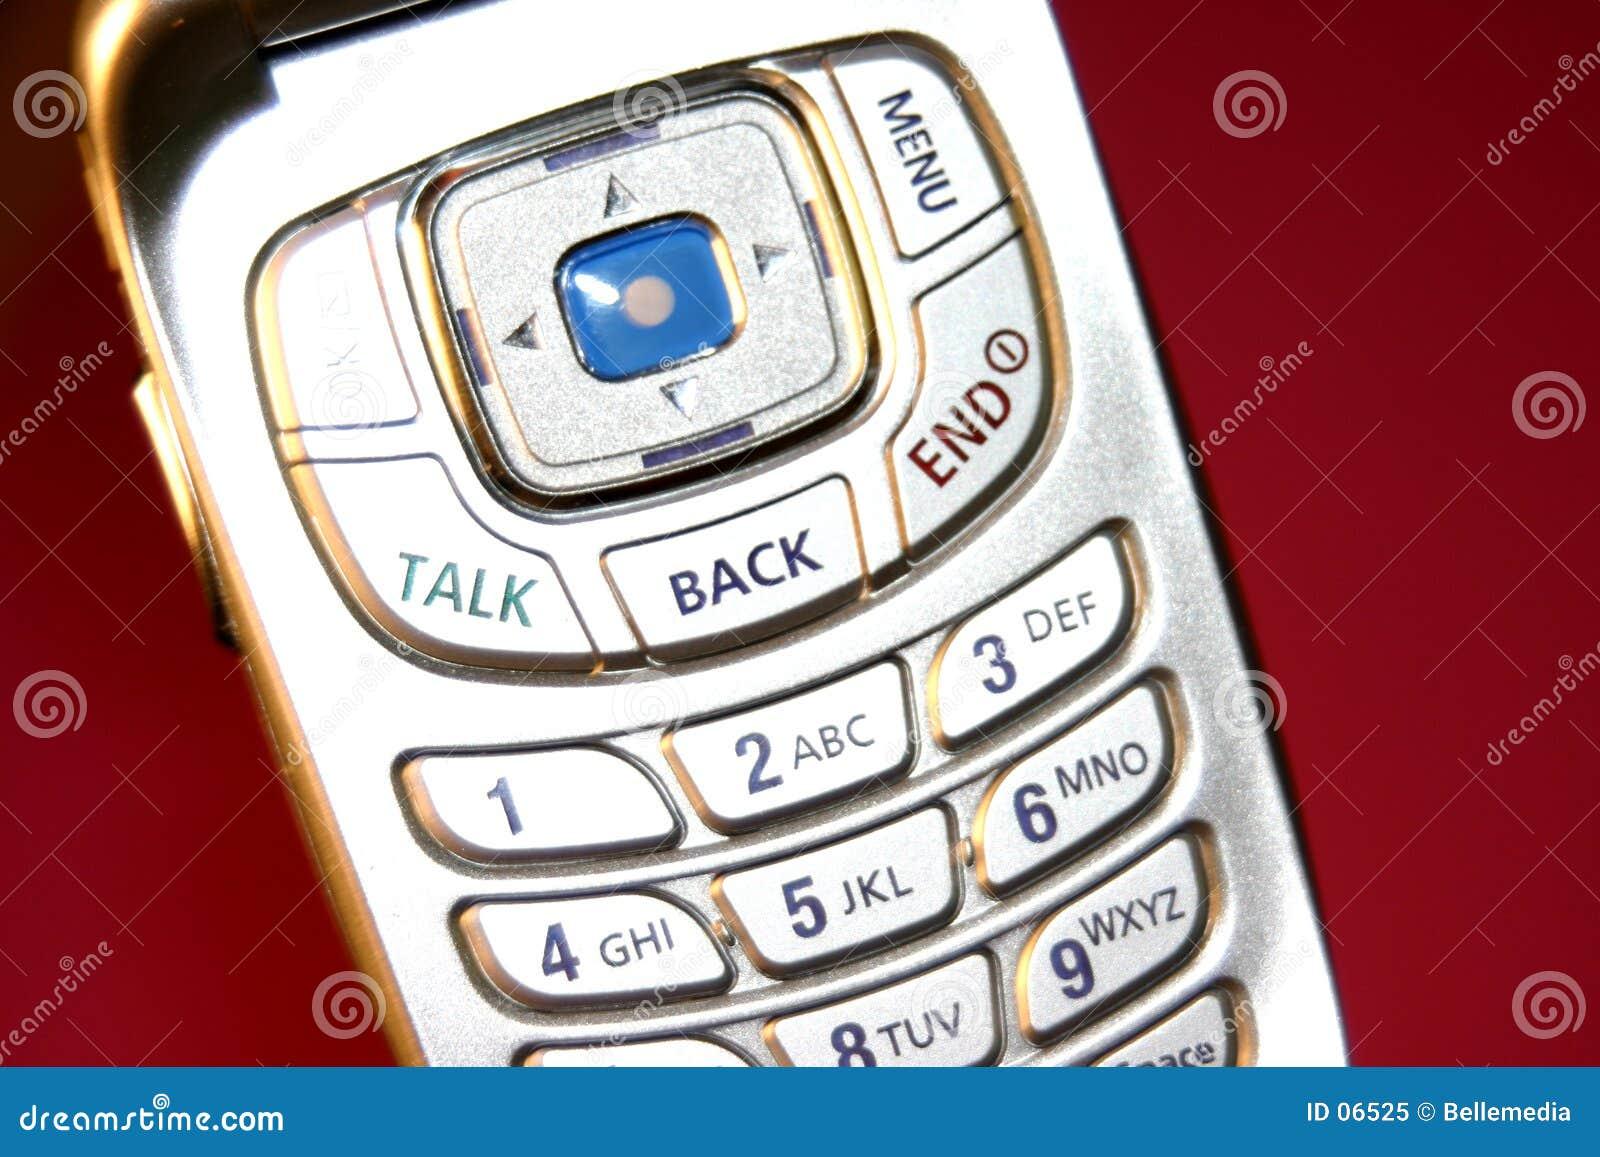 Gladde telefoon